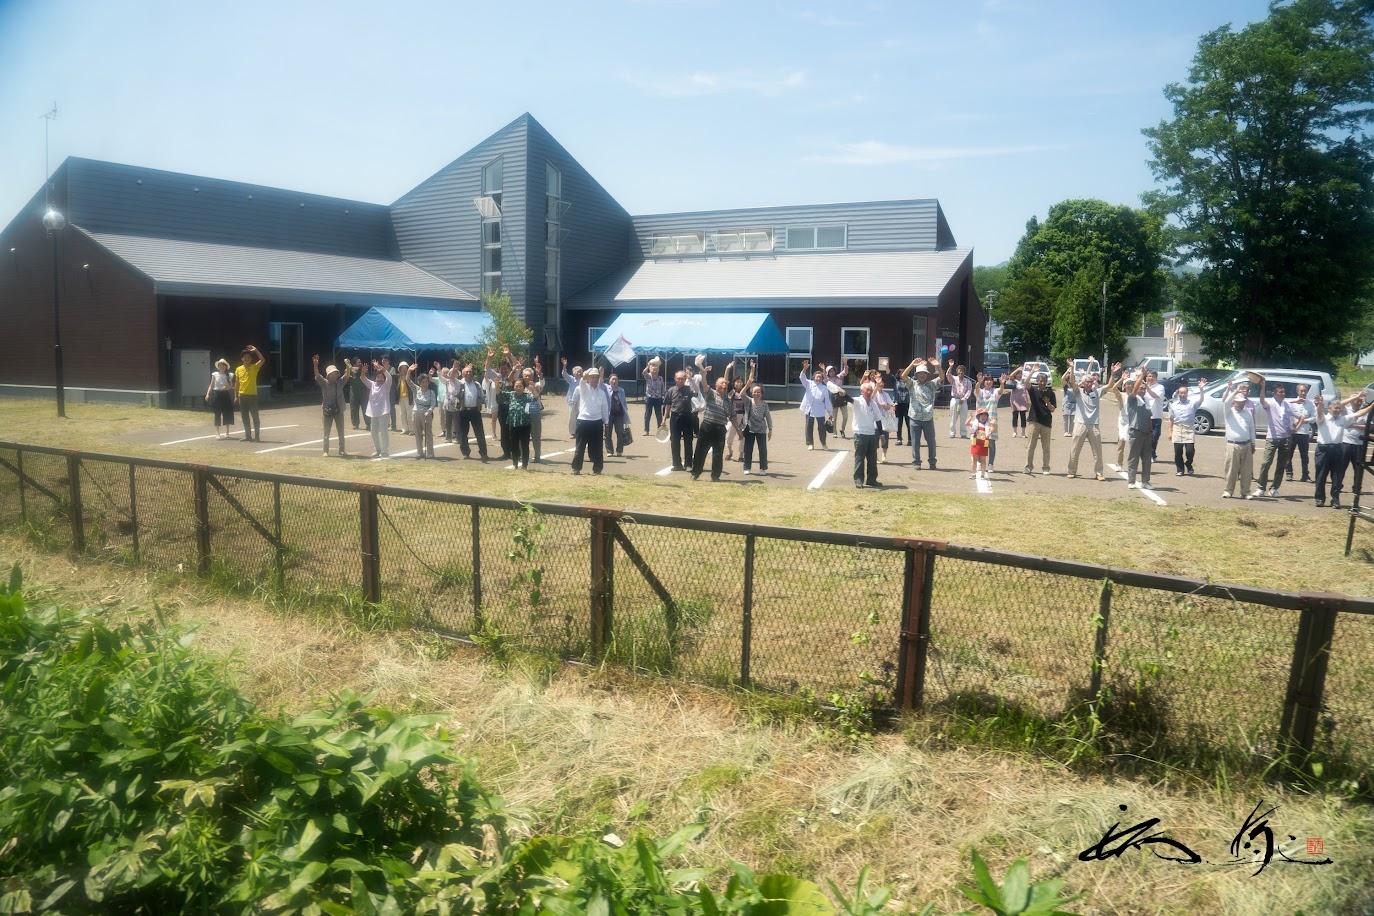 駅に集まっ下さった沢山の町内会の方々の感動的な歓迎をうけて!